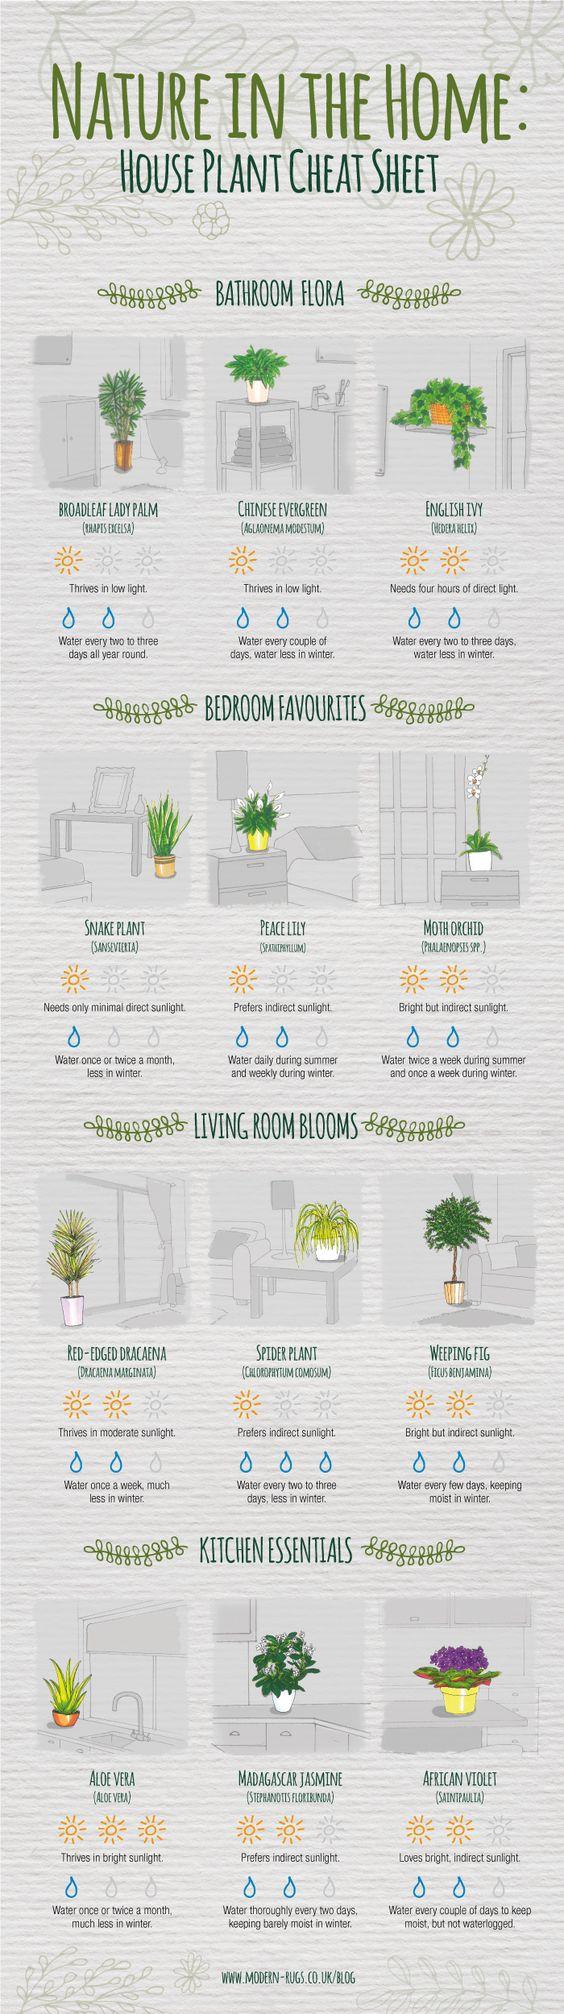 Indoor Plants Cheat Sheet #Infographic #Flower #HomeImprovement: